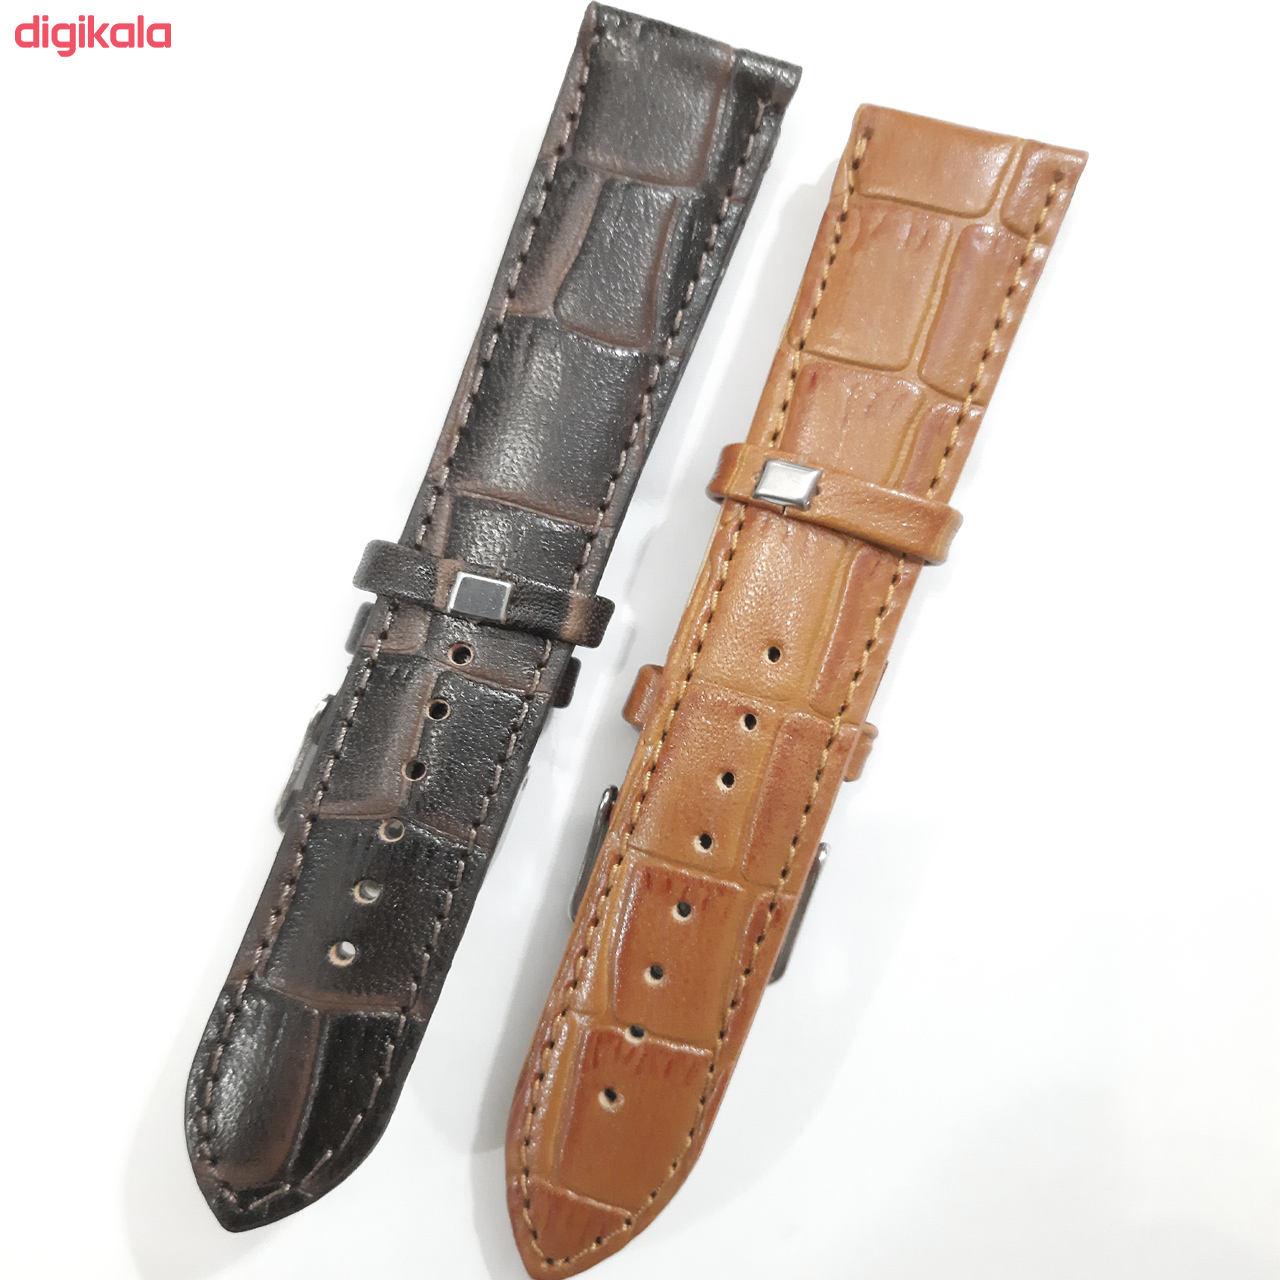 بند مدل GSN مناسب برای ساعت هوشمند سامسونگ Gear S3 / S4 46mm main 1 1